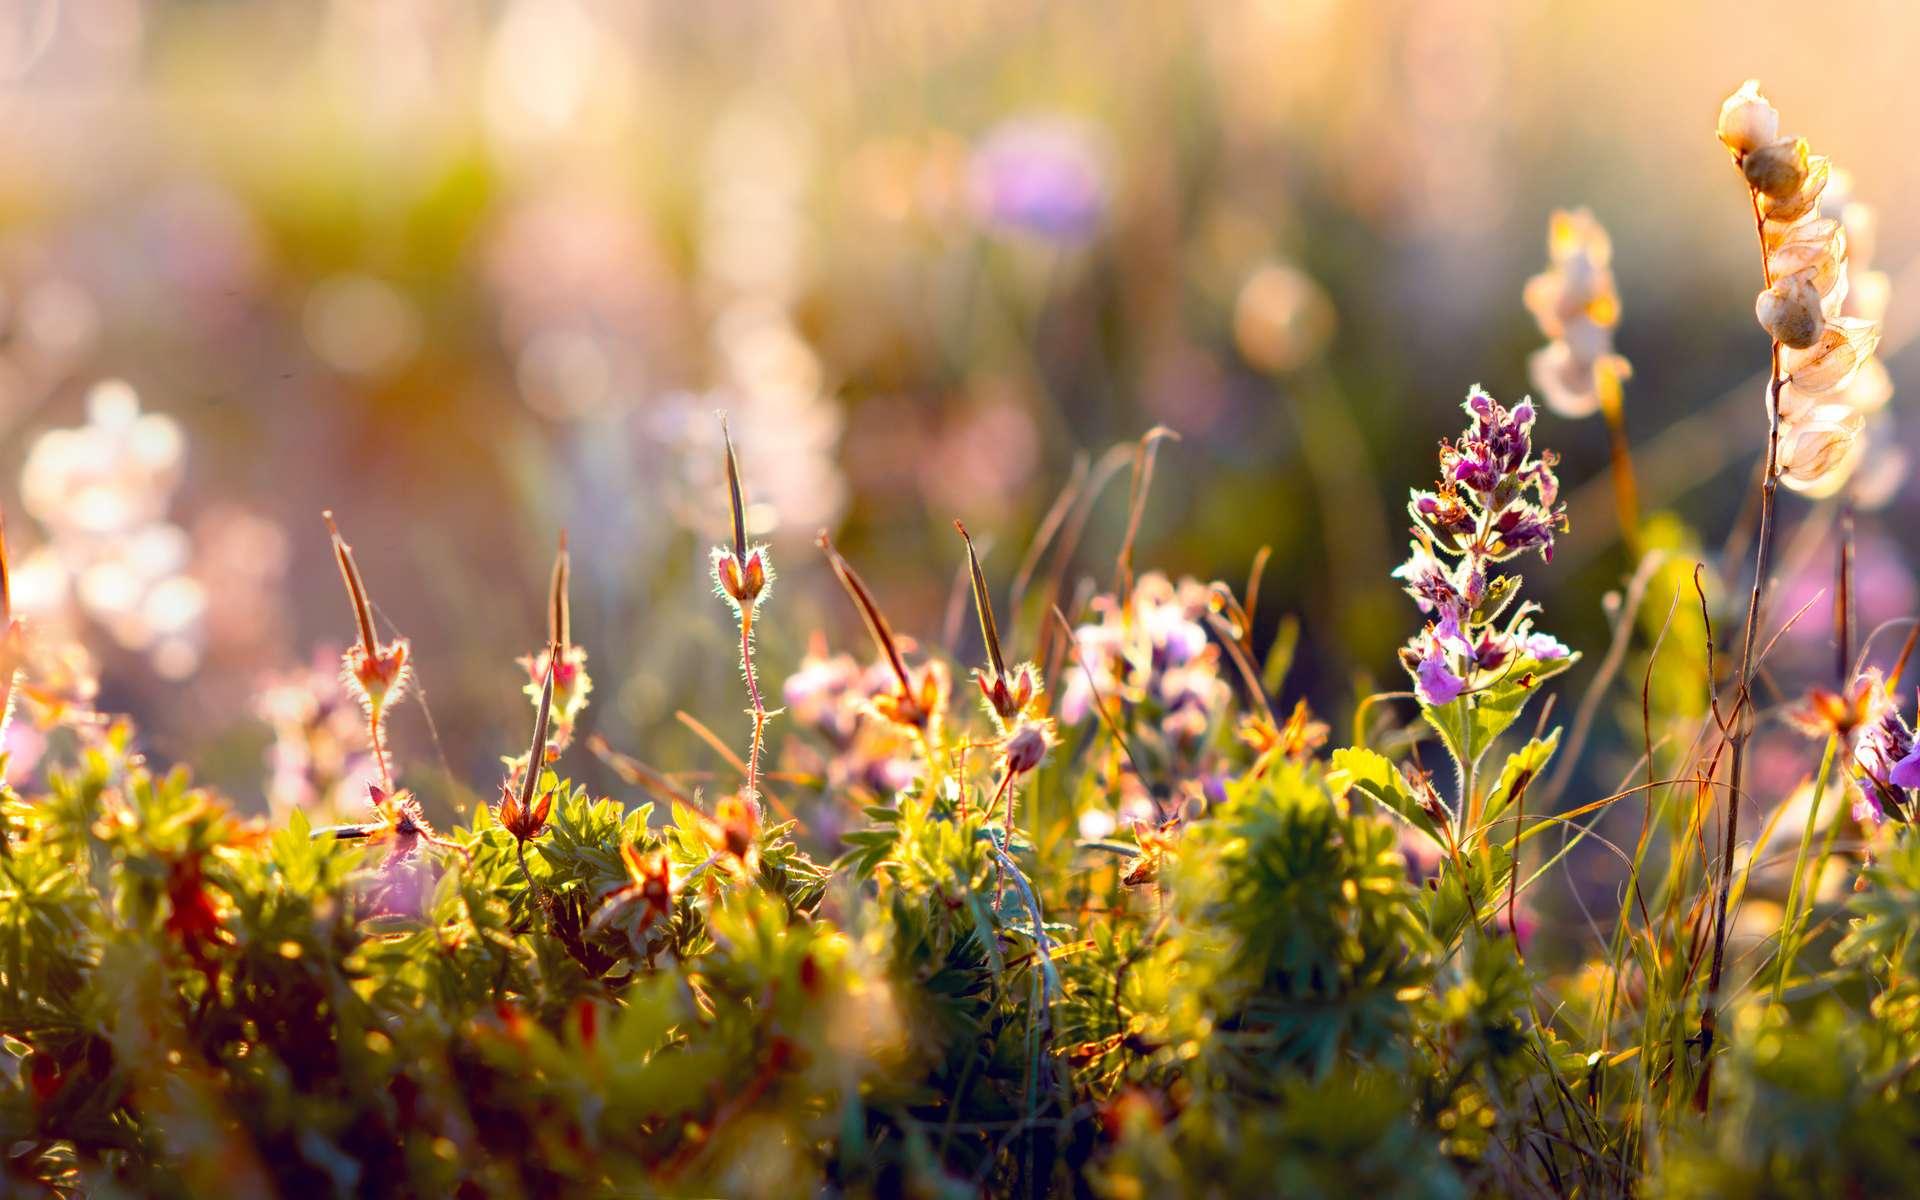 Ces belles fleurs sauvages pourraient ne plus exister dans la nature si nous n'aidons pas la biodiversité. © tankist 276, Adobe Stock